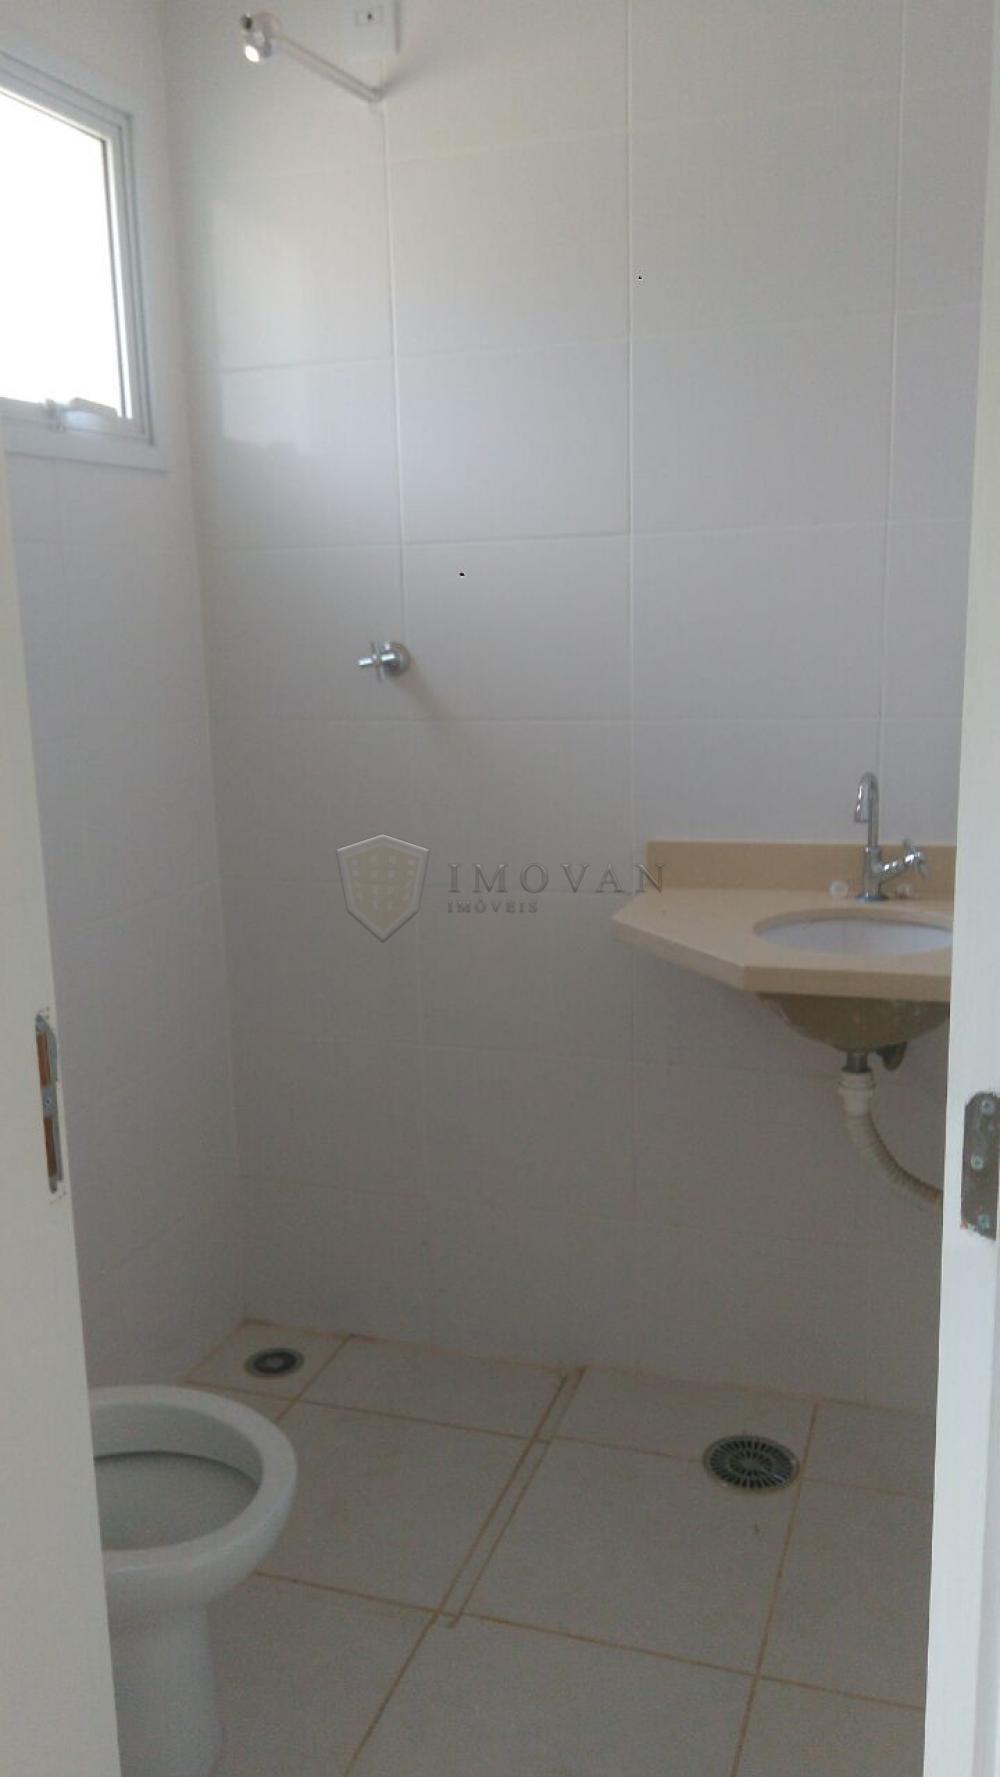 Comprar Apartamento / Padrão em Ribeirão Preto apenas R$ 255.000,00 - Foto 13